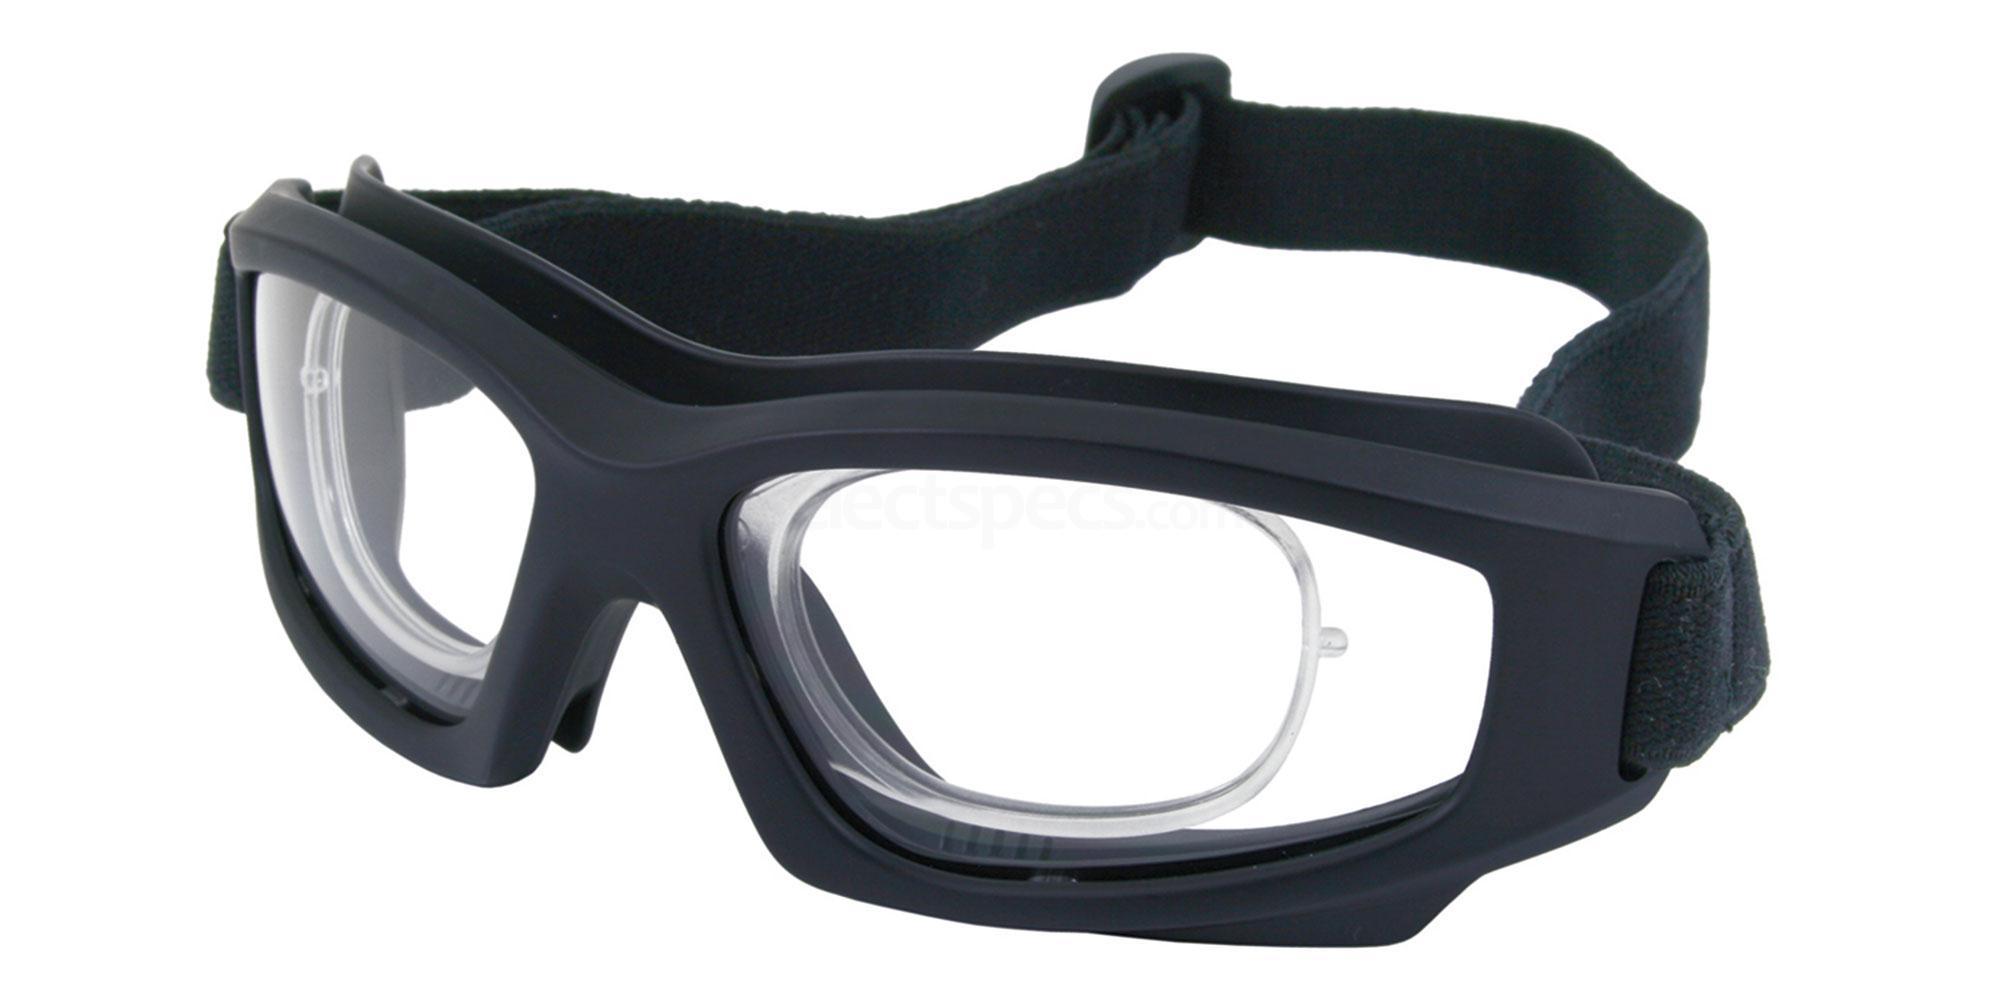 Black SRX10 Goggles, Sports Eyewear